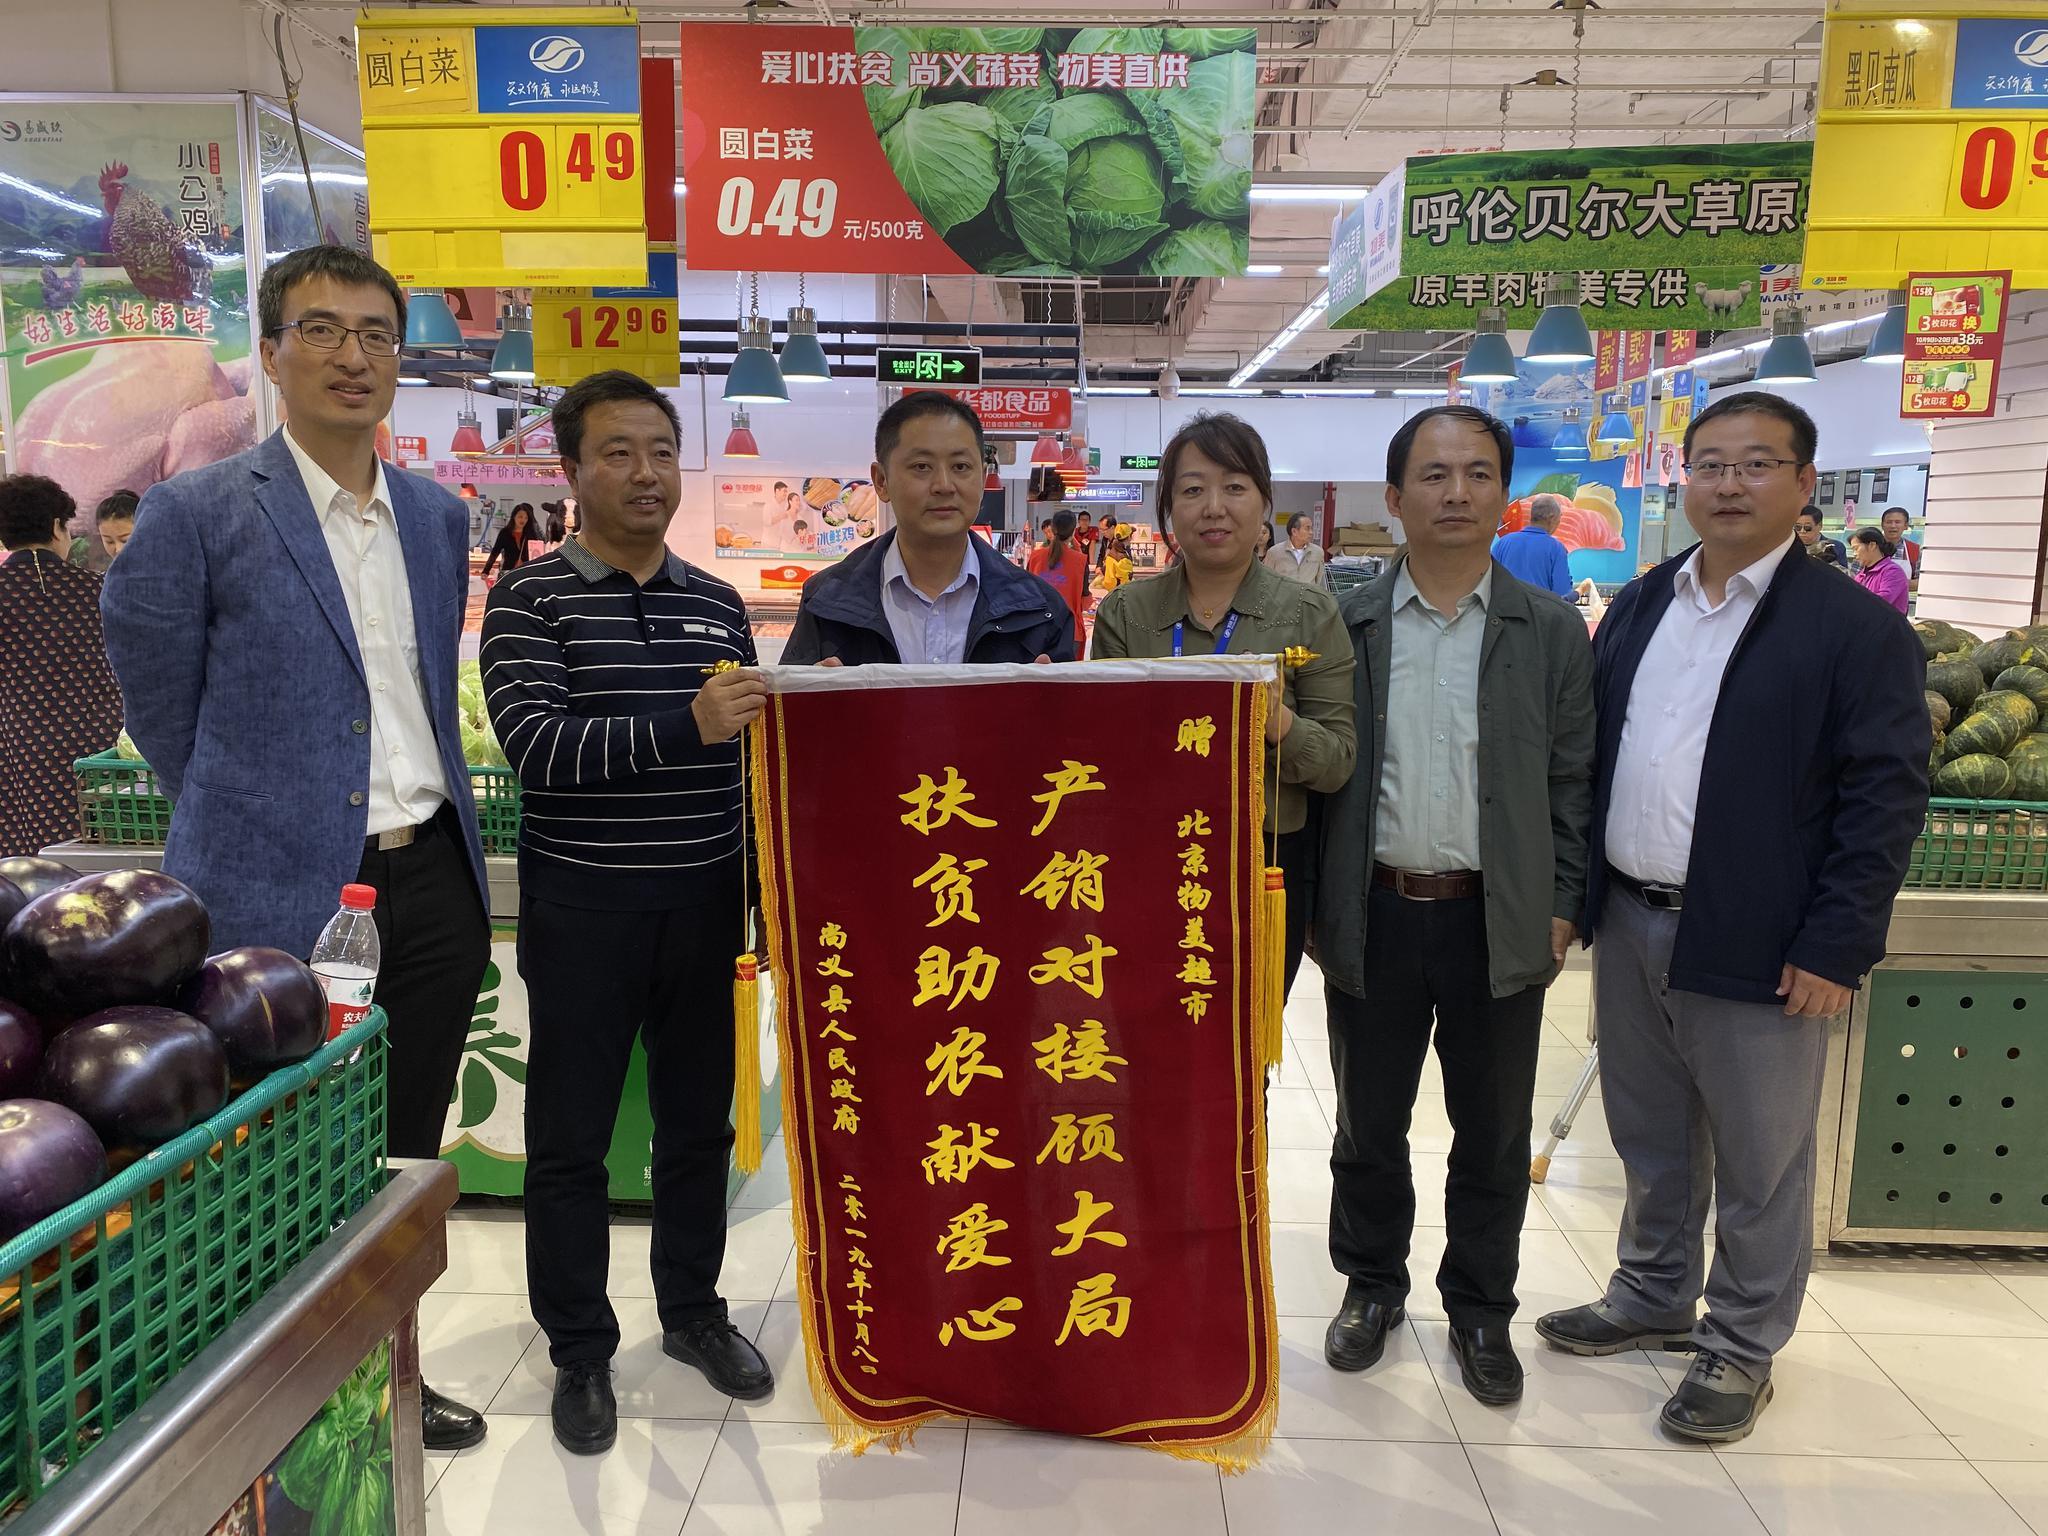 北京扶贫办和企业伸援手 尚义县